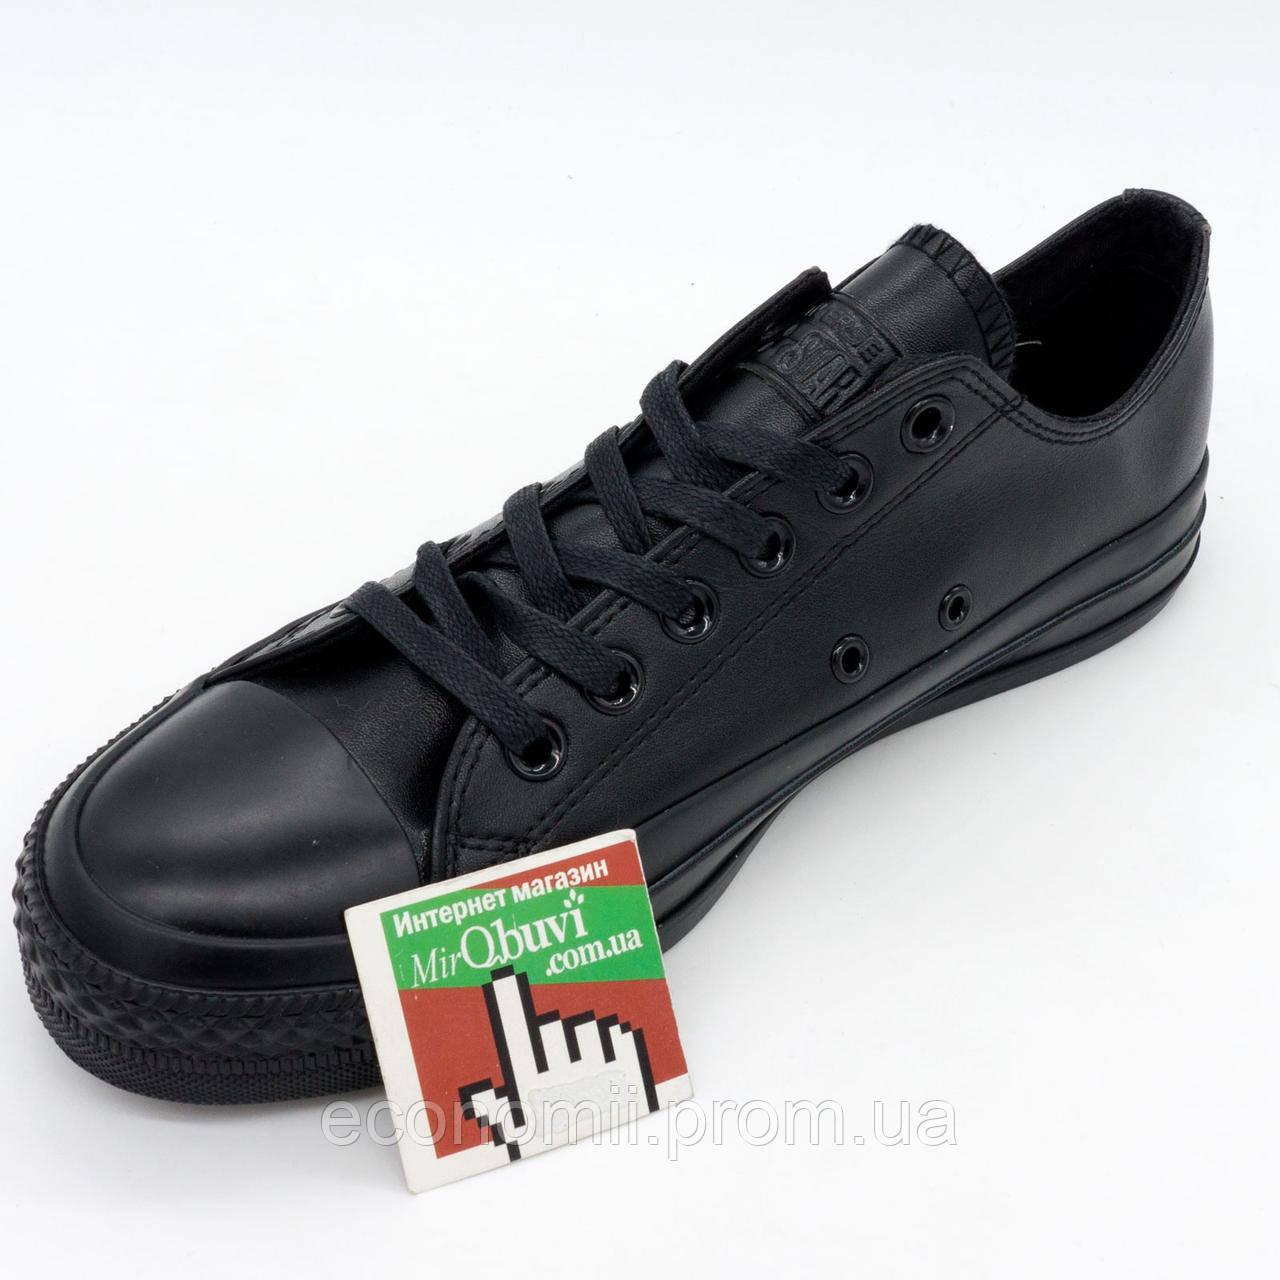 Кожаные кеды Converse (Конверс) низкие полностью черные. Топ качество! р. f2d40ee3dba61